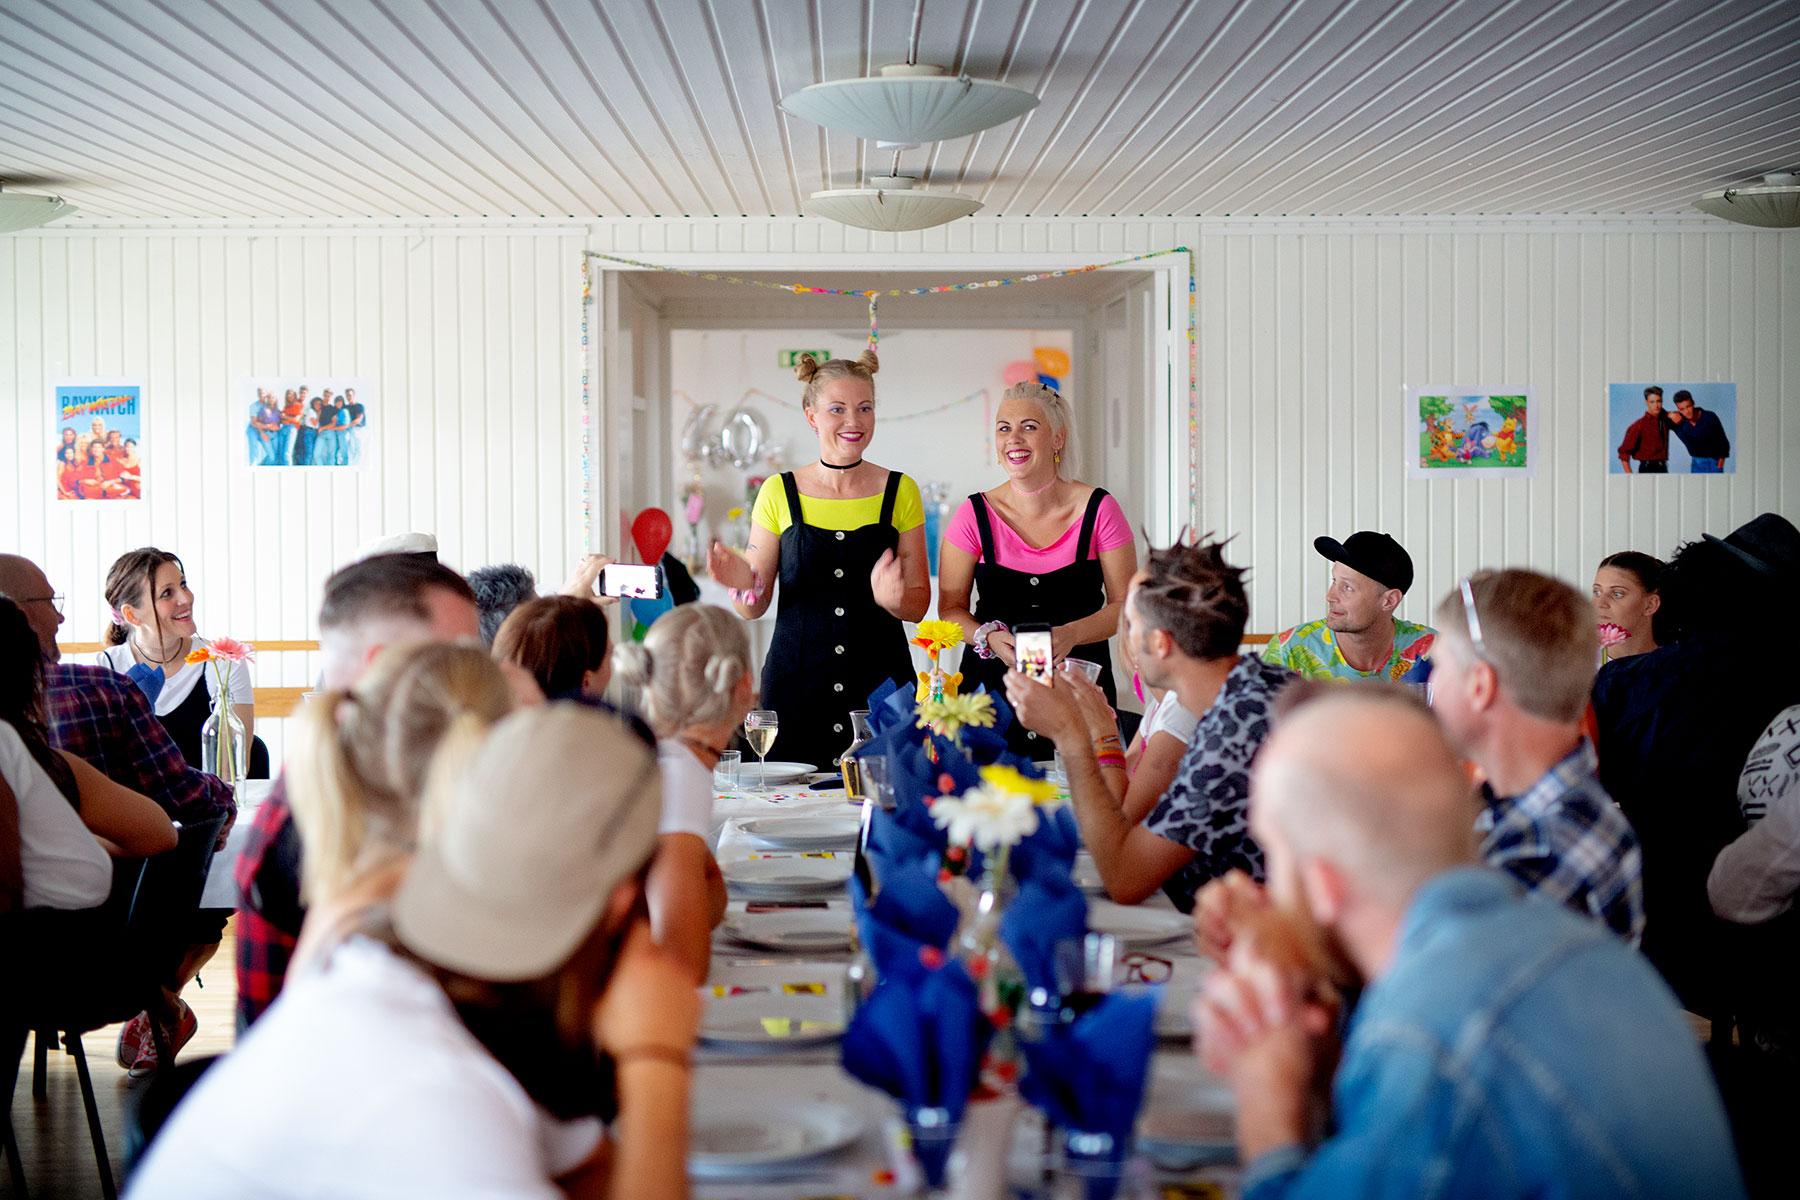 blogg-190706lisapernilla40-7.jpg